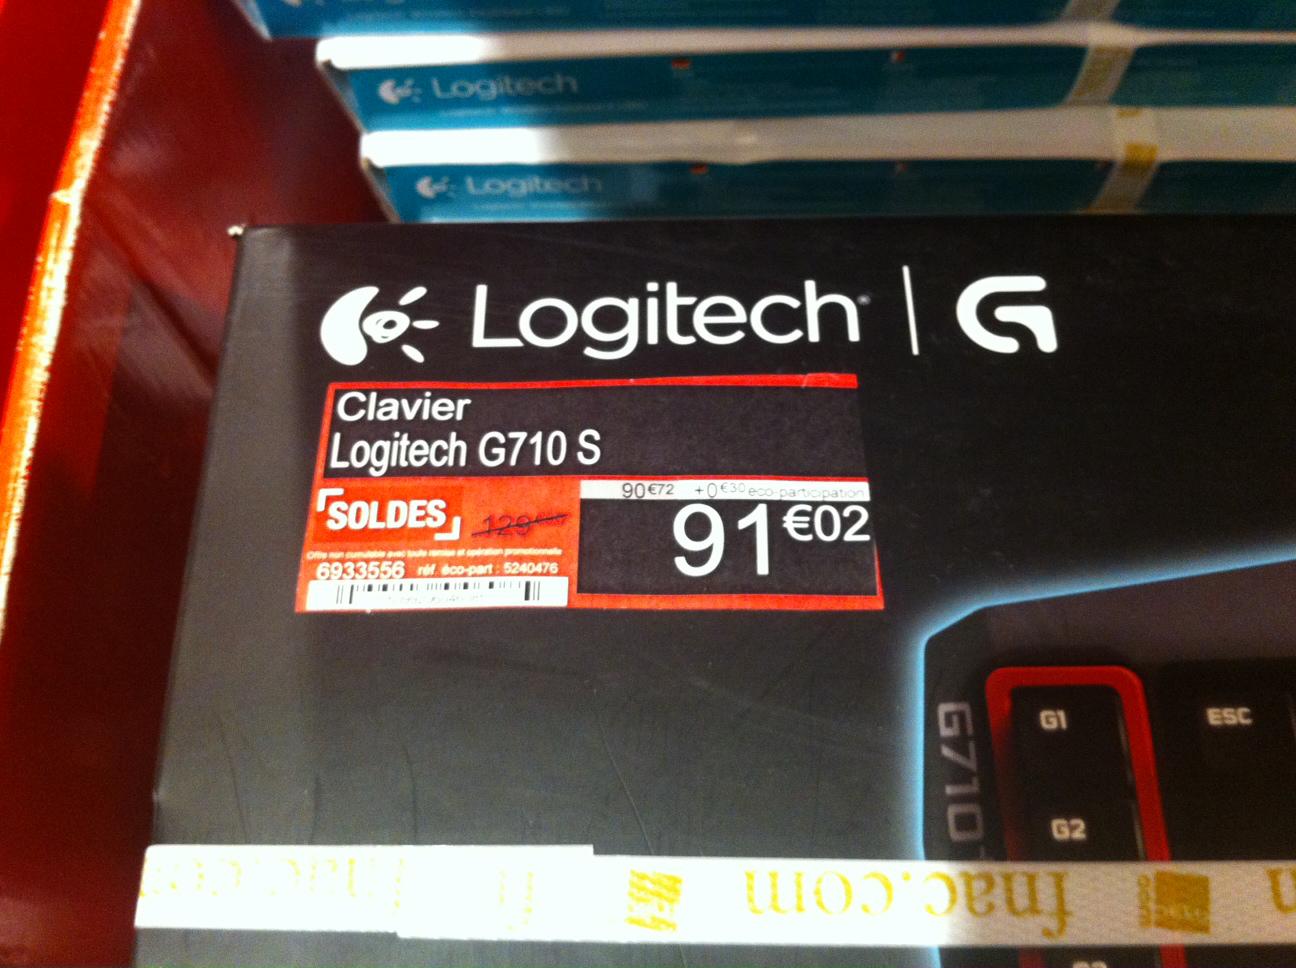 Clavier mécanique Logitech G710 S